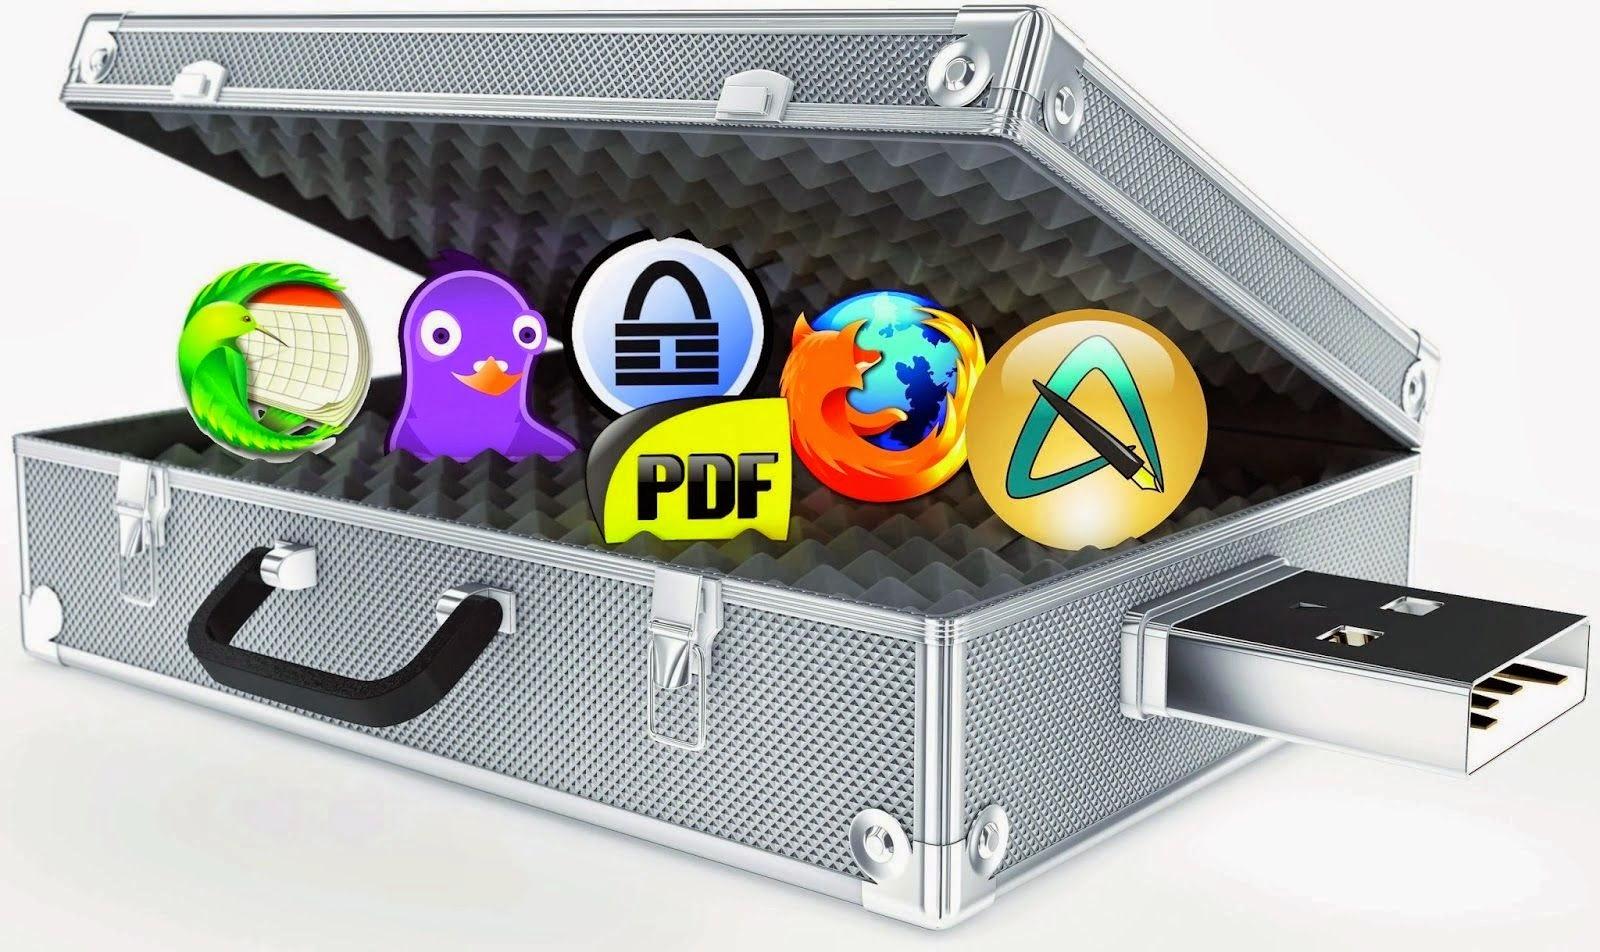 شرح بالصور لجعل البرامج محموله Portable باستخادم برنامج Cameyo